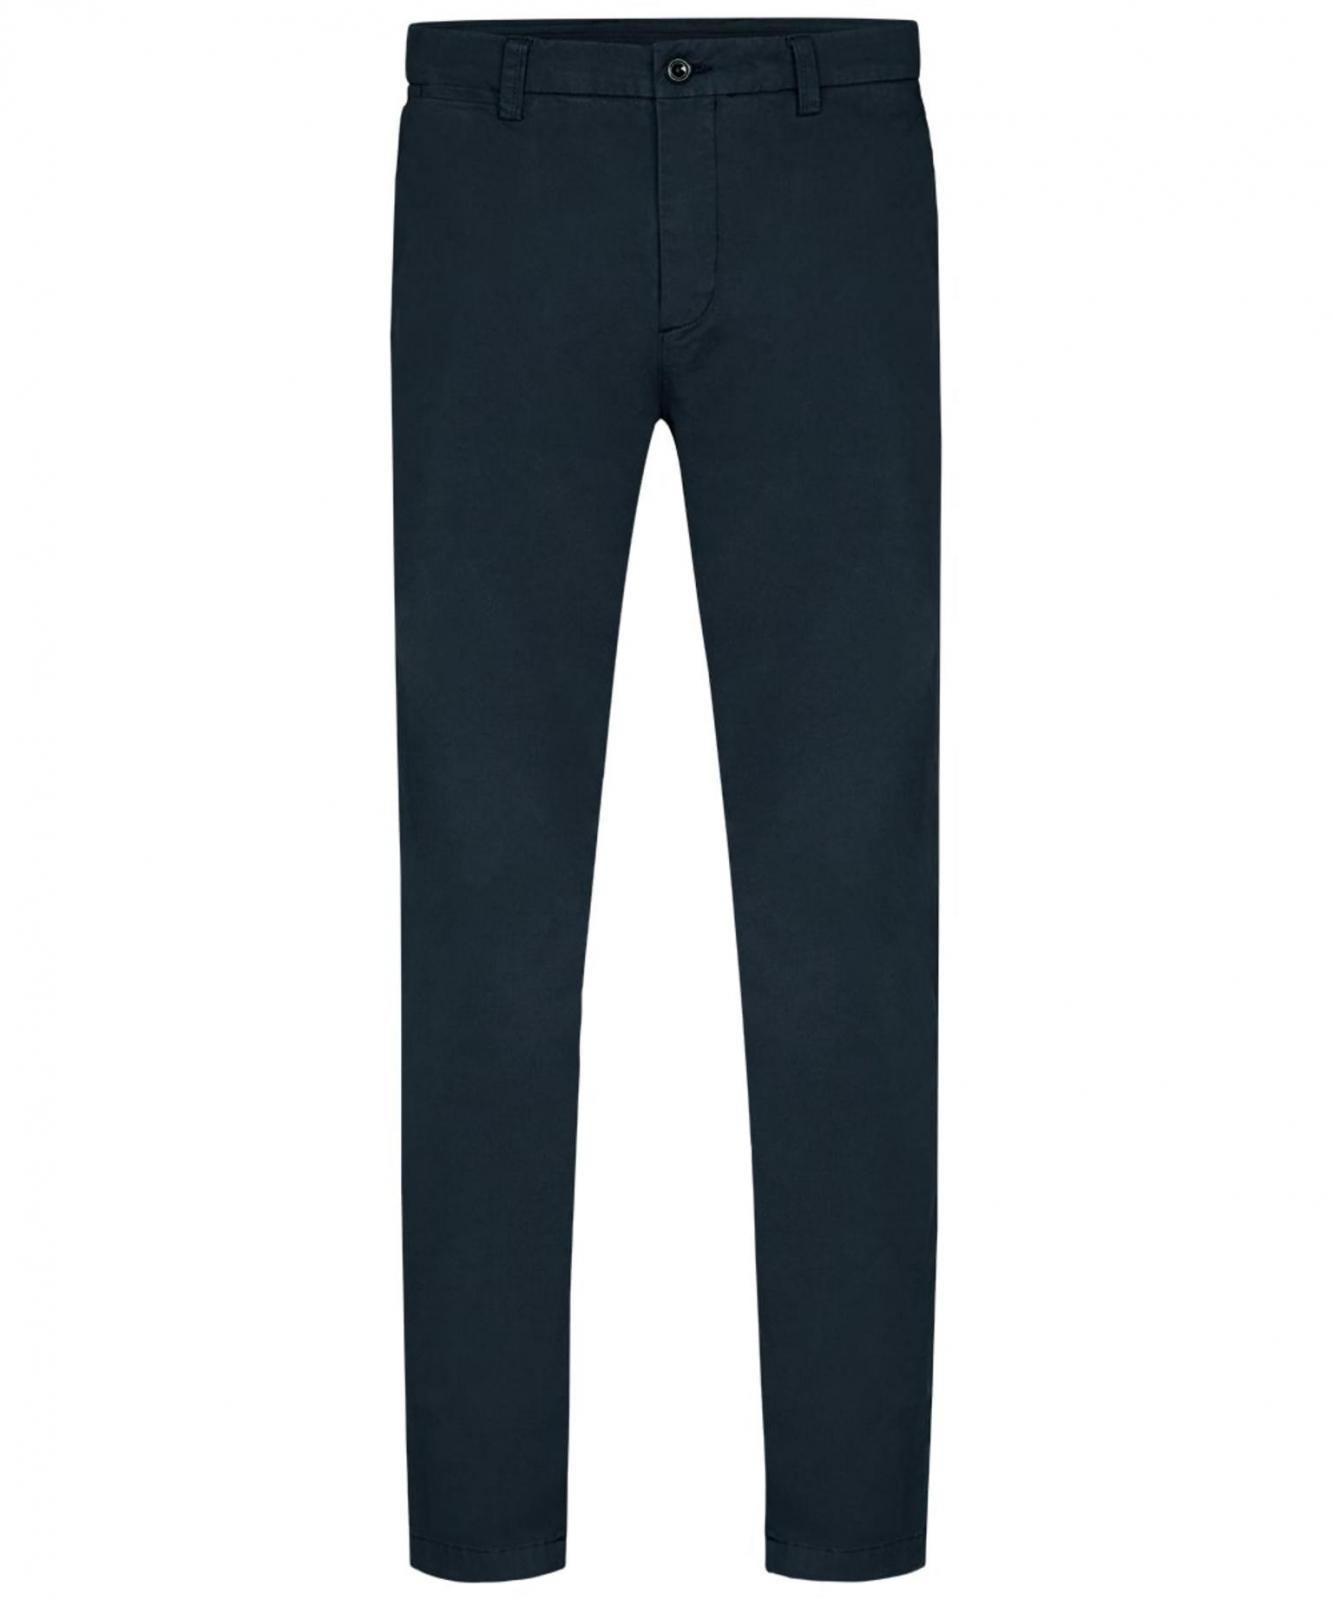 Image of Granatowe spodnie typu chino profuomo 30/32